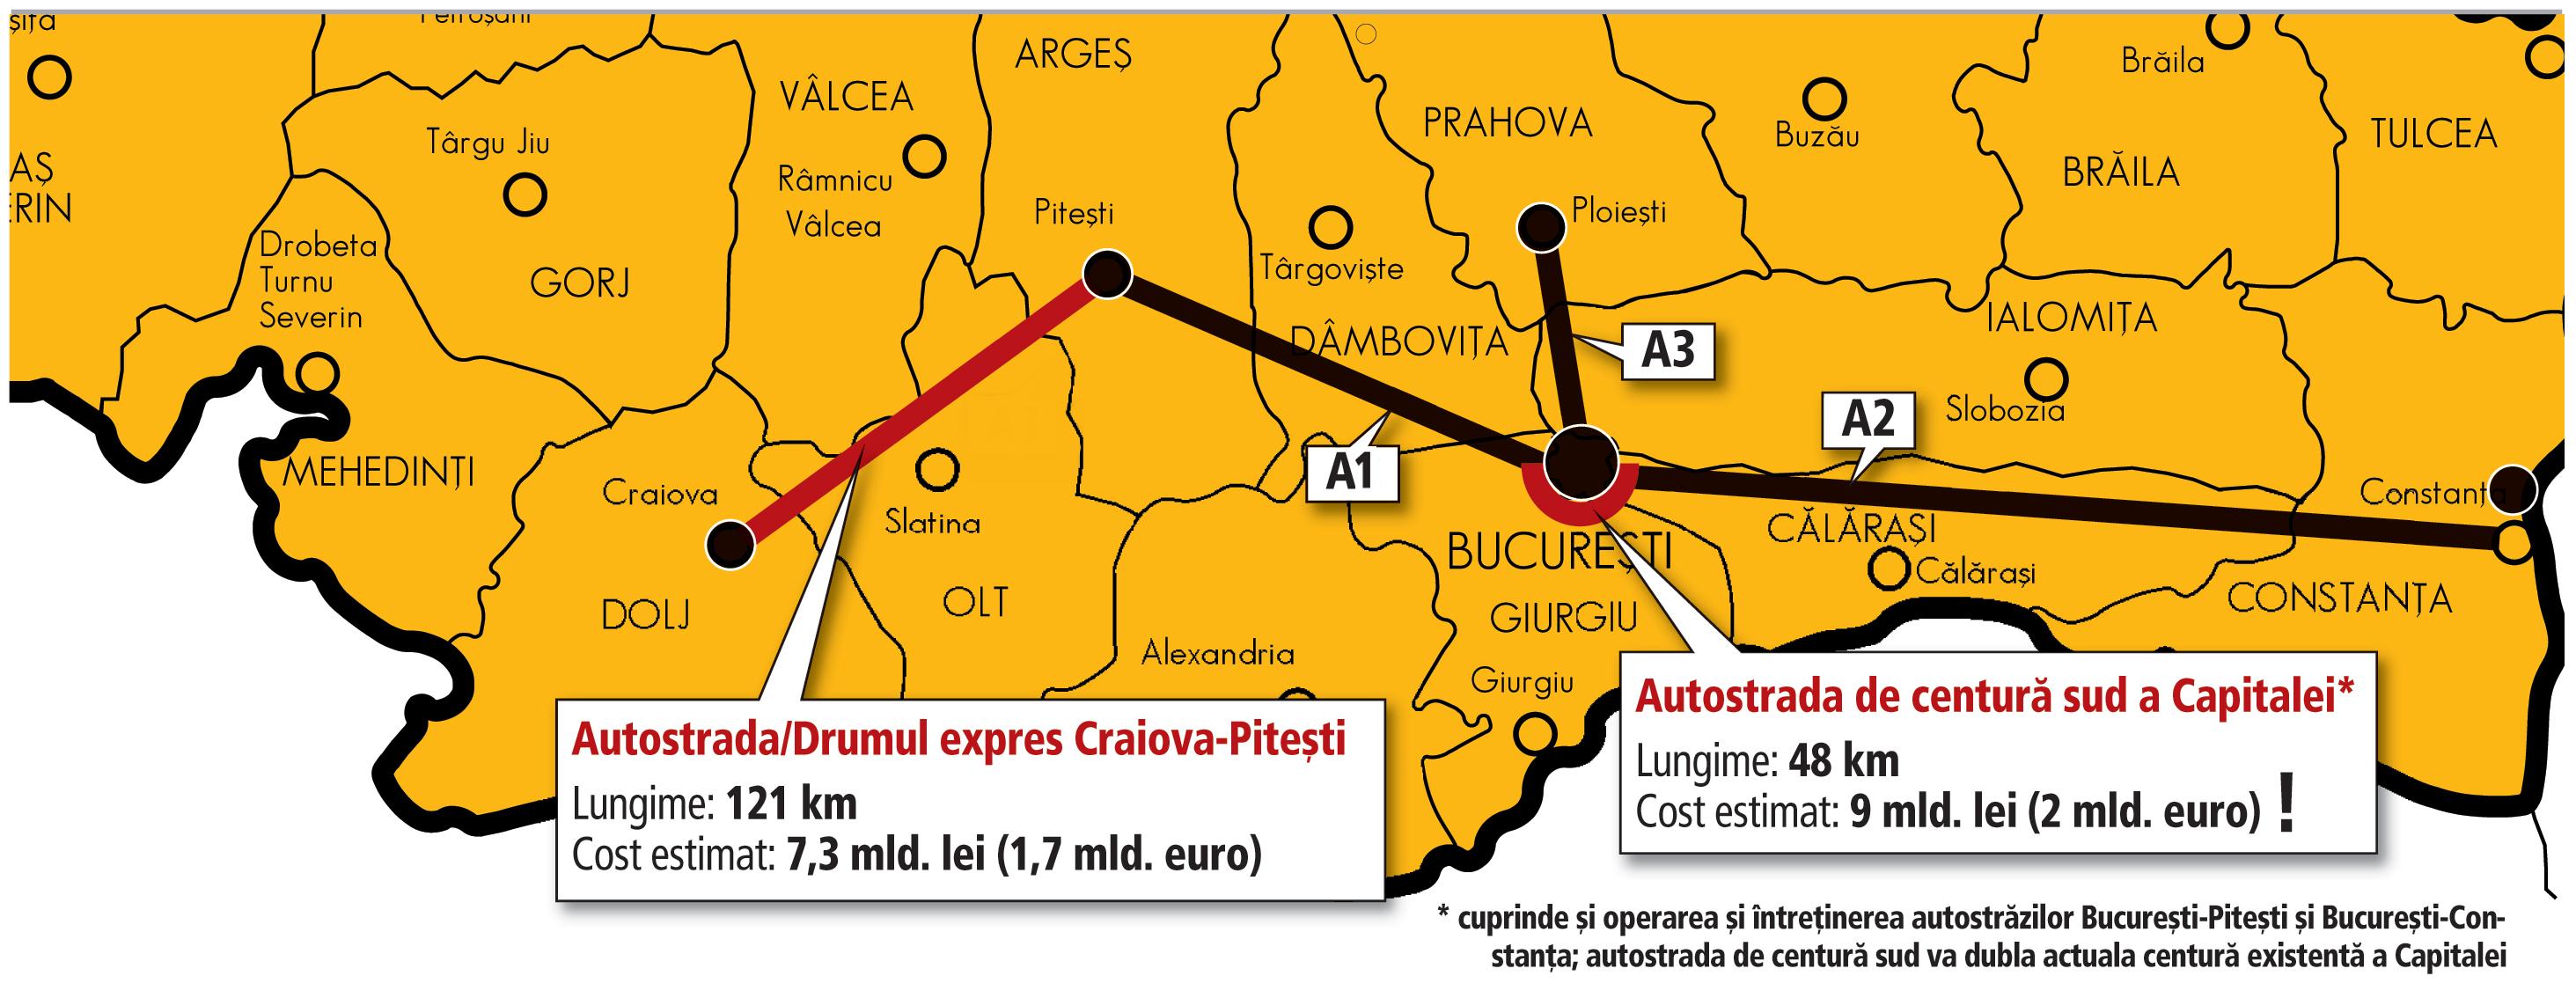 Concesiuni de autostrăzi de 4 mld. euro bat pasul pe loc: Craiova-Piteşti şi centura de sud a Capitalei nu au nici dată de start, nici de final